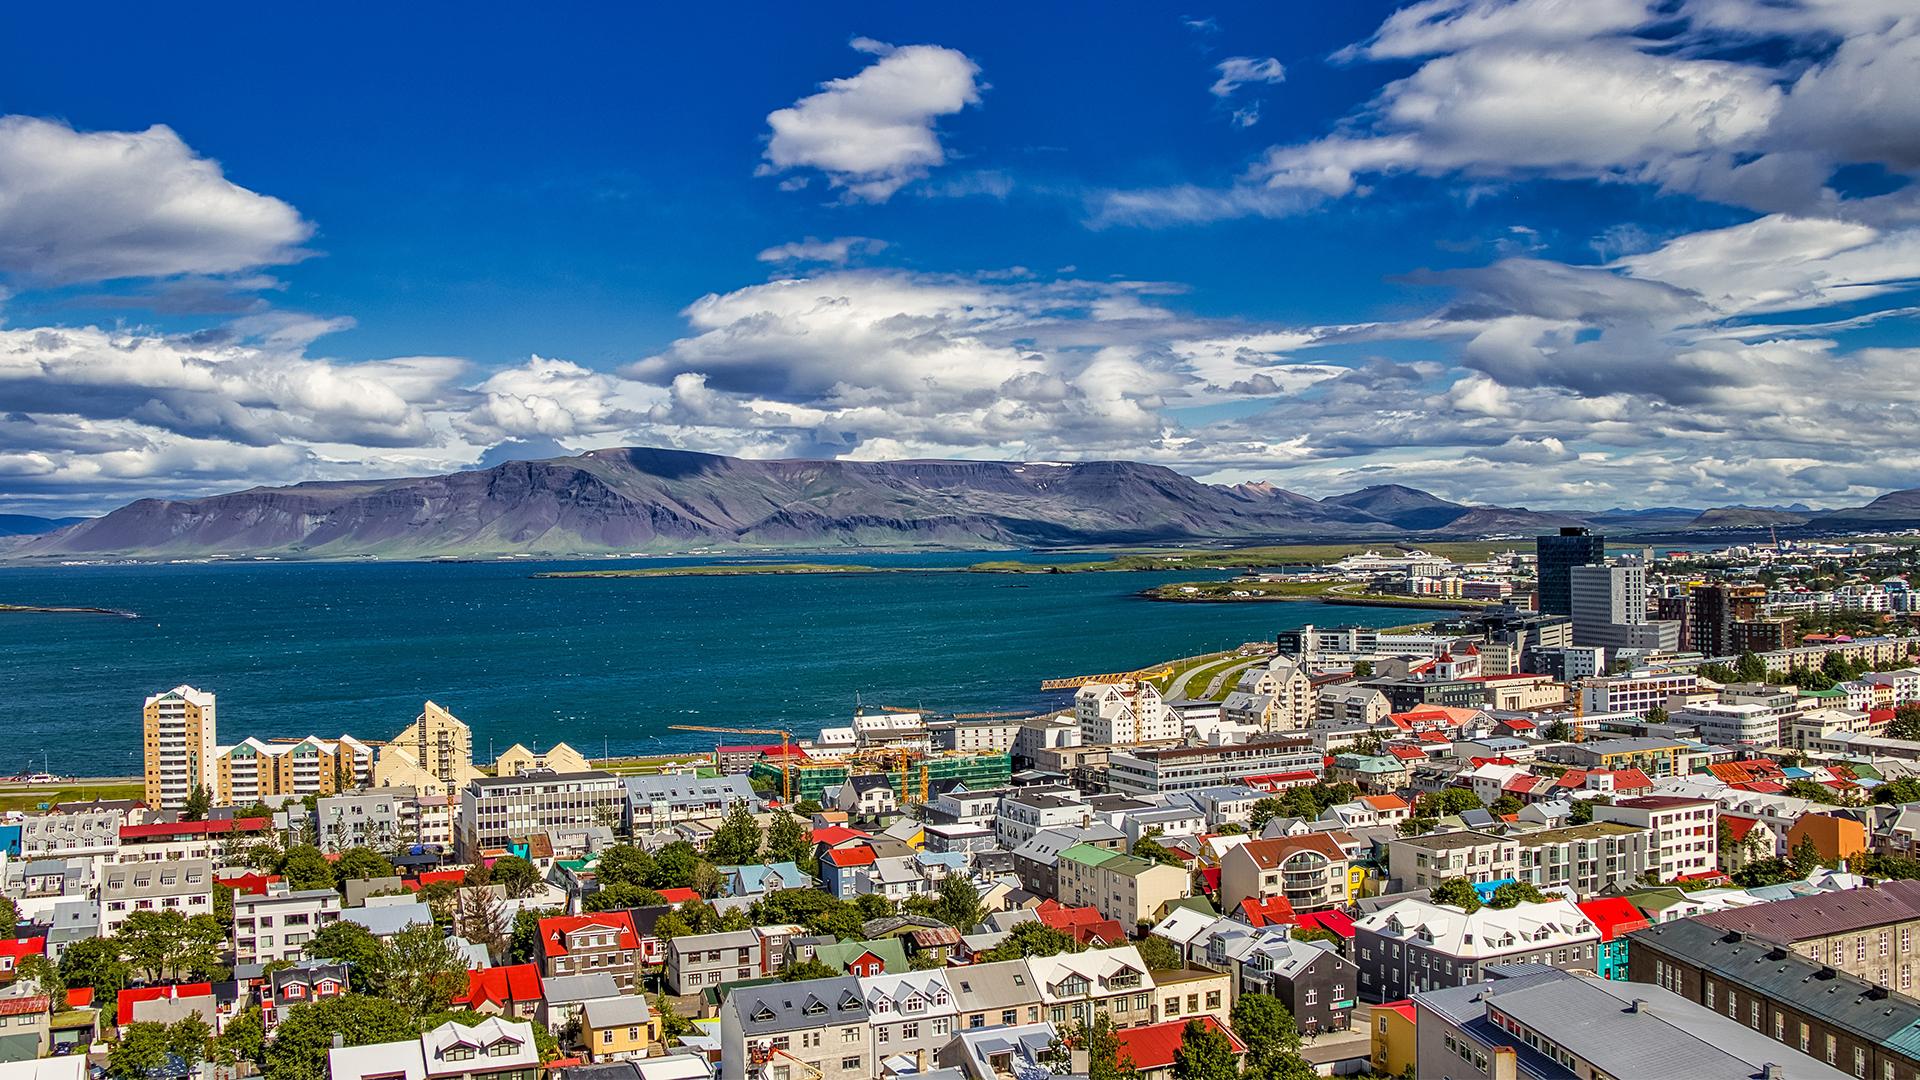 Reykjavik_Landscape_16_9